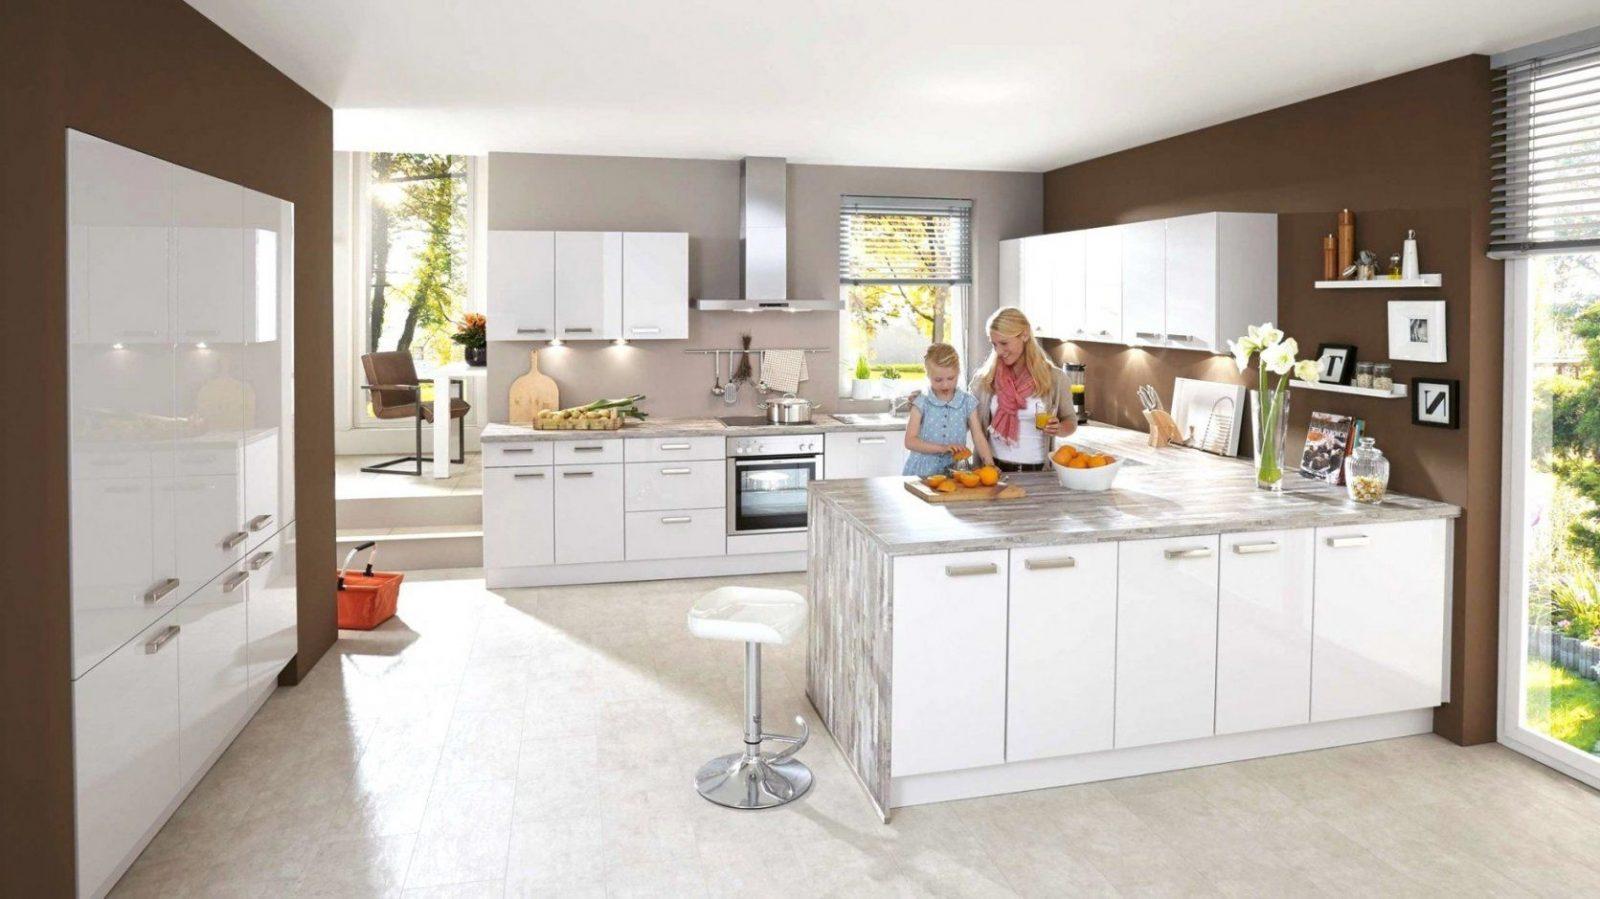 Interessant Neue Küchenfronten Für Nolte Avec Nolte Küchen Fronten von Nolte Küchen Mit Kochinsel Und Theke Bild